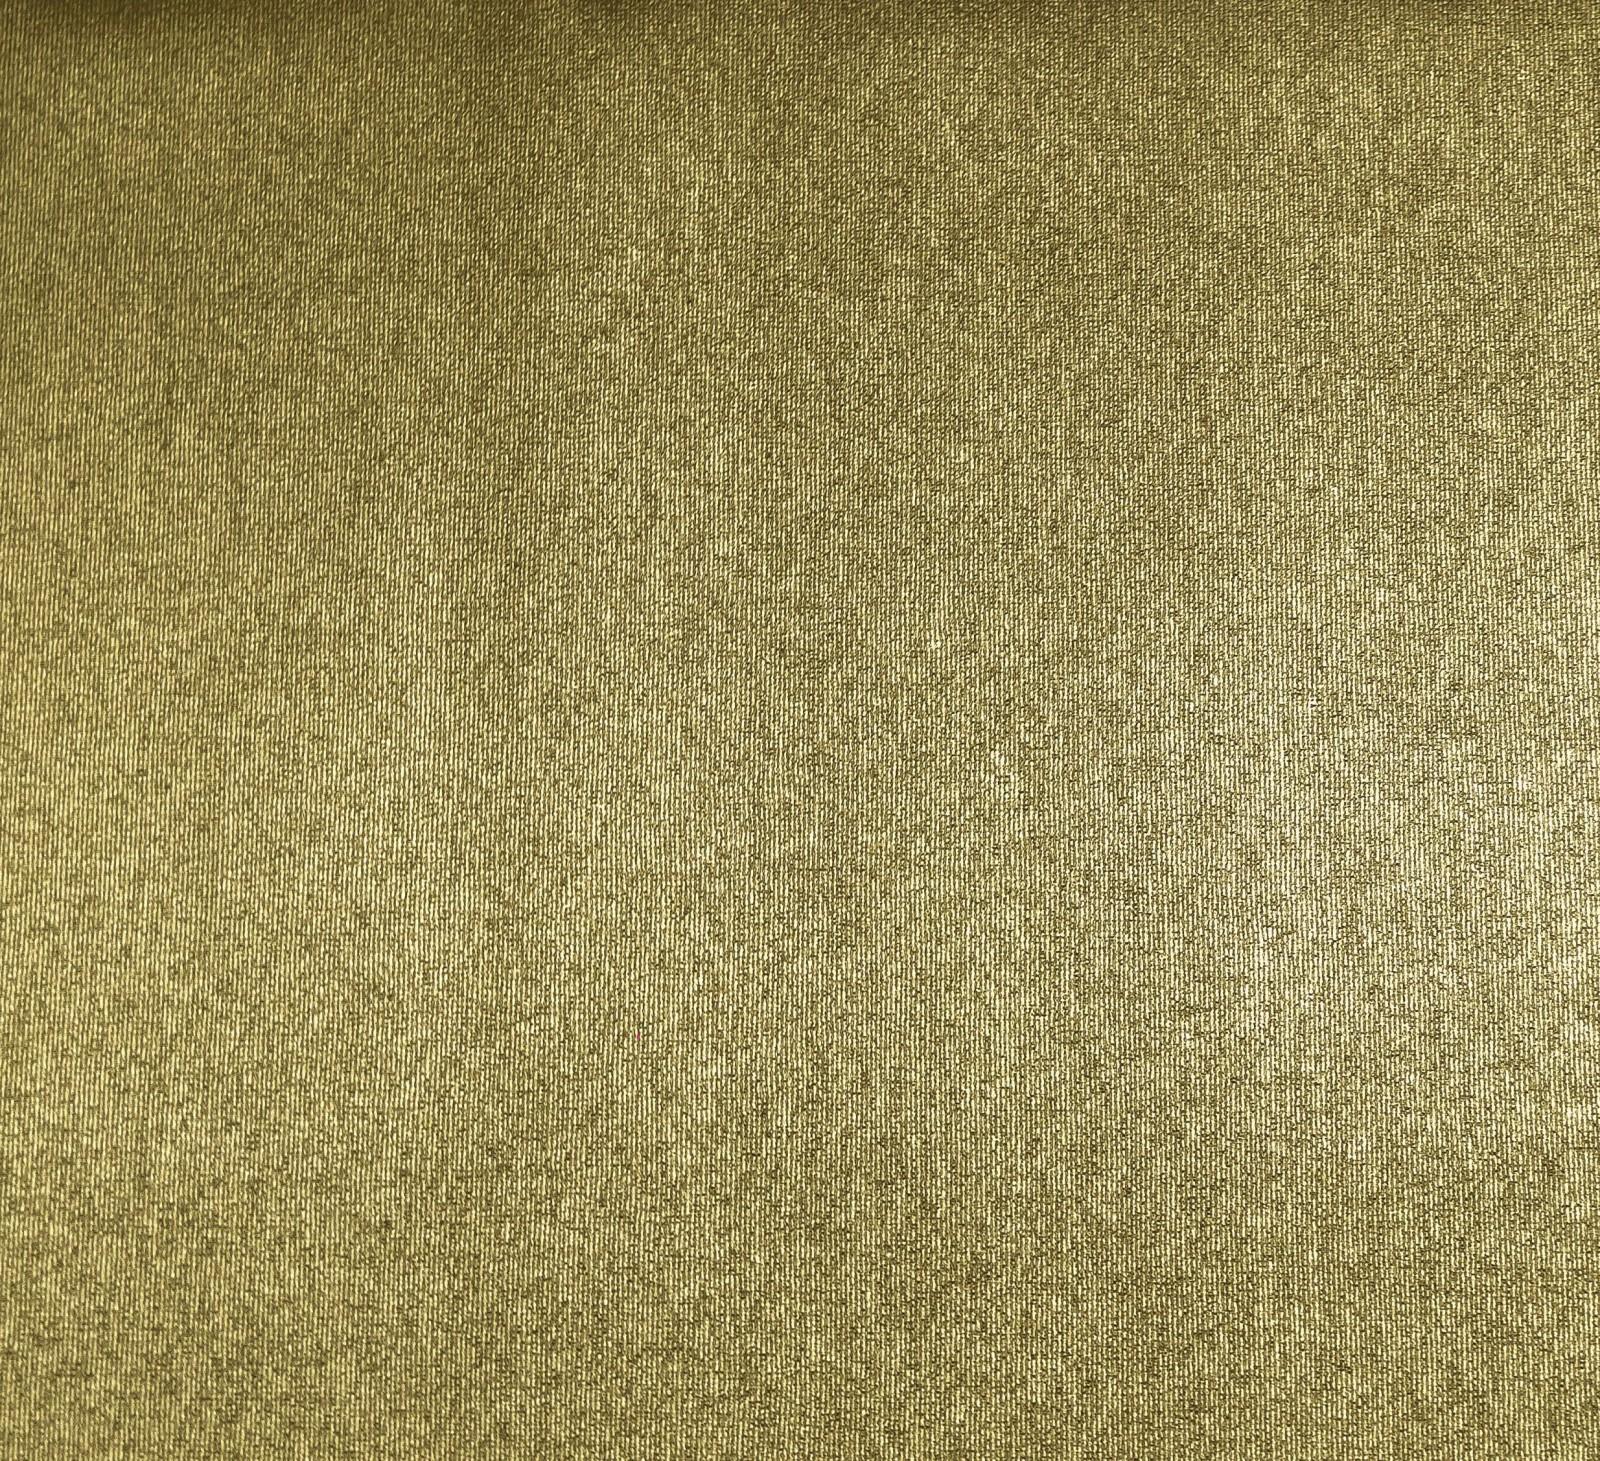 karim rashid designer wallpaper plain 51946 gold. Black Bedroom Furniture Sets. Home Design Ideas